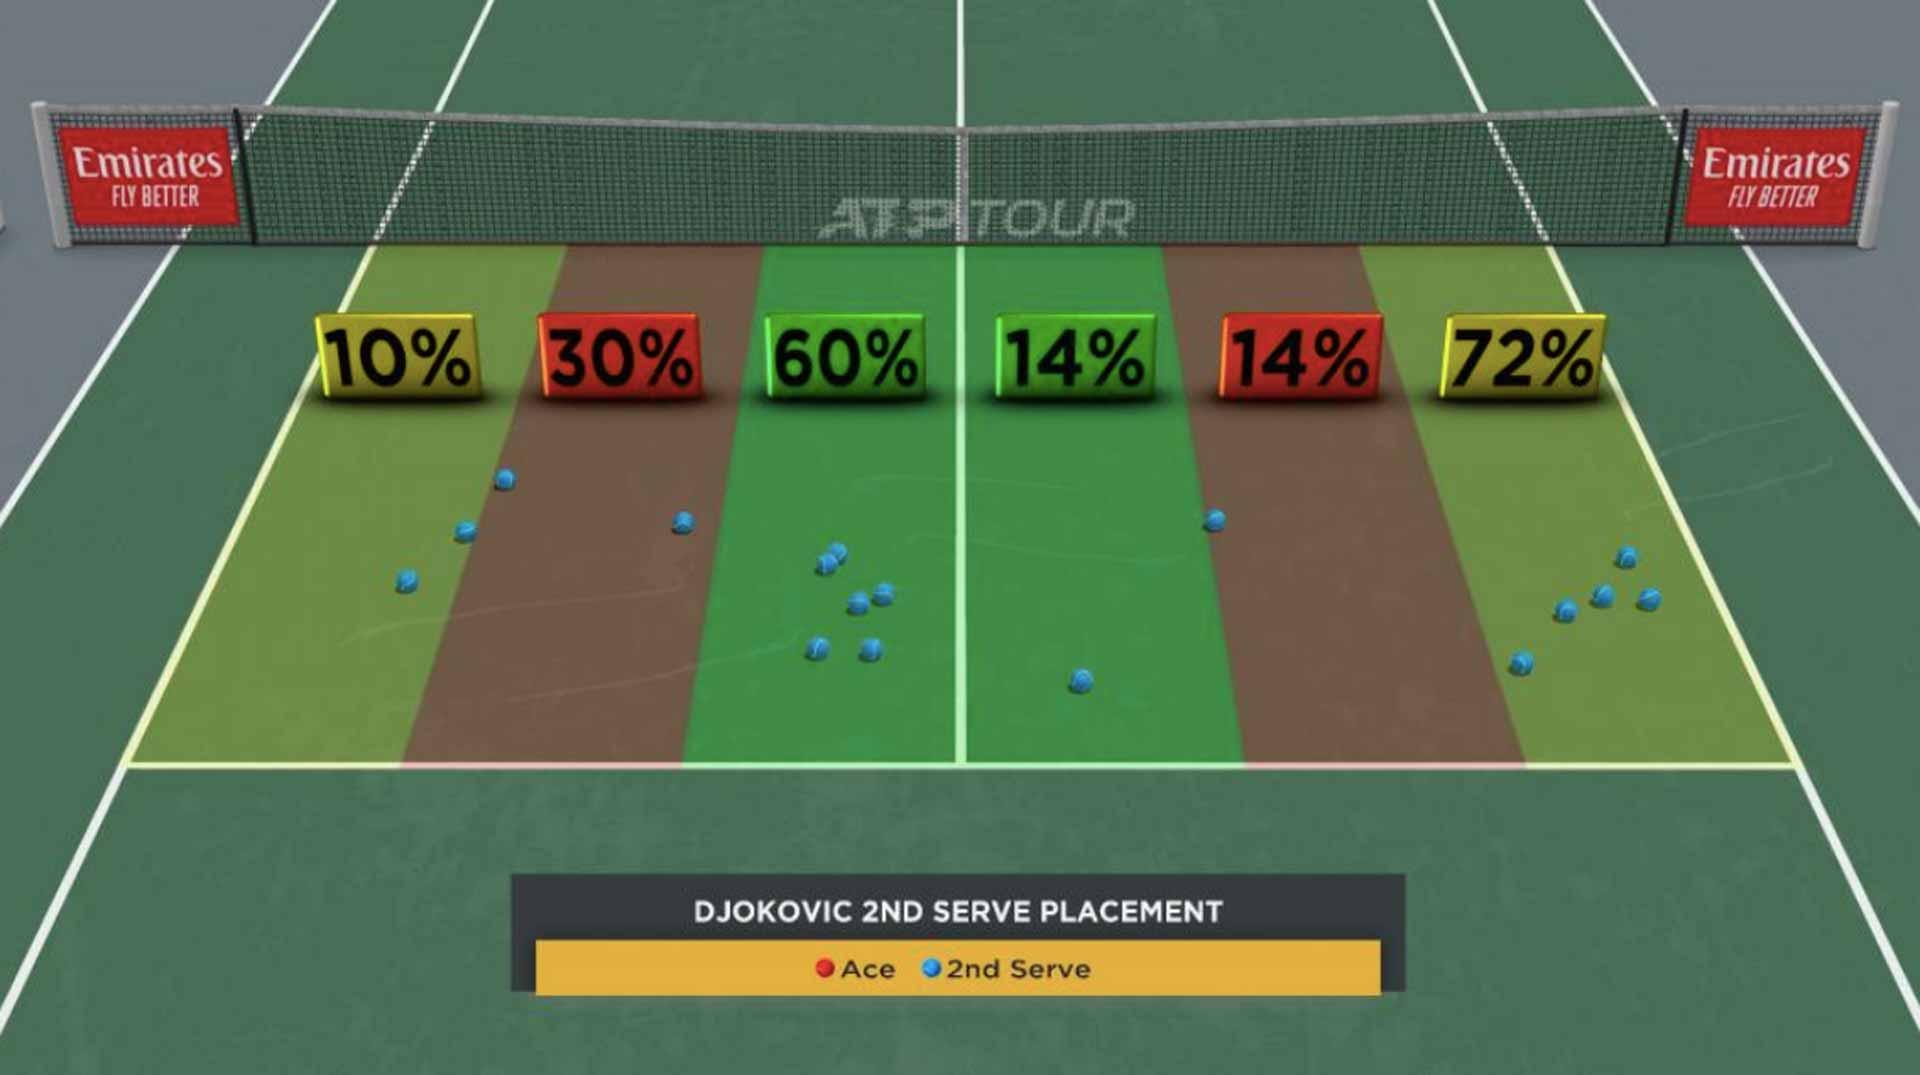 <a href='https://www.atptour.com/en/players/novak-djokovic/d643/overview'>Novak Djokovic</a>